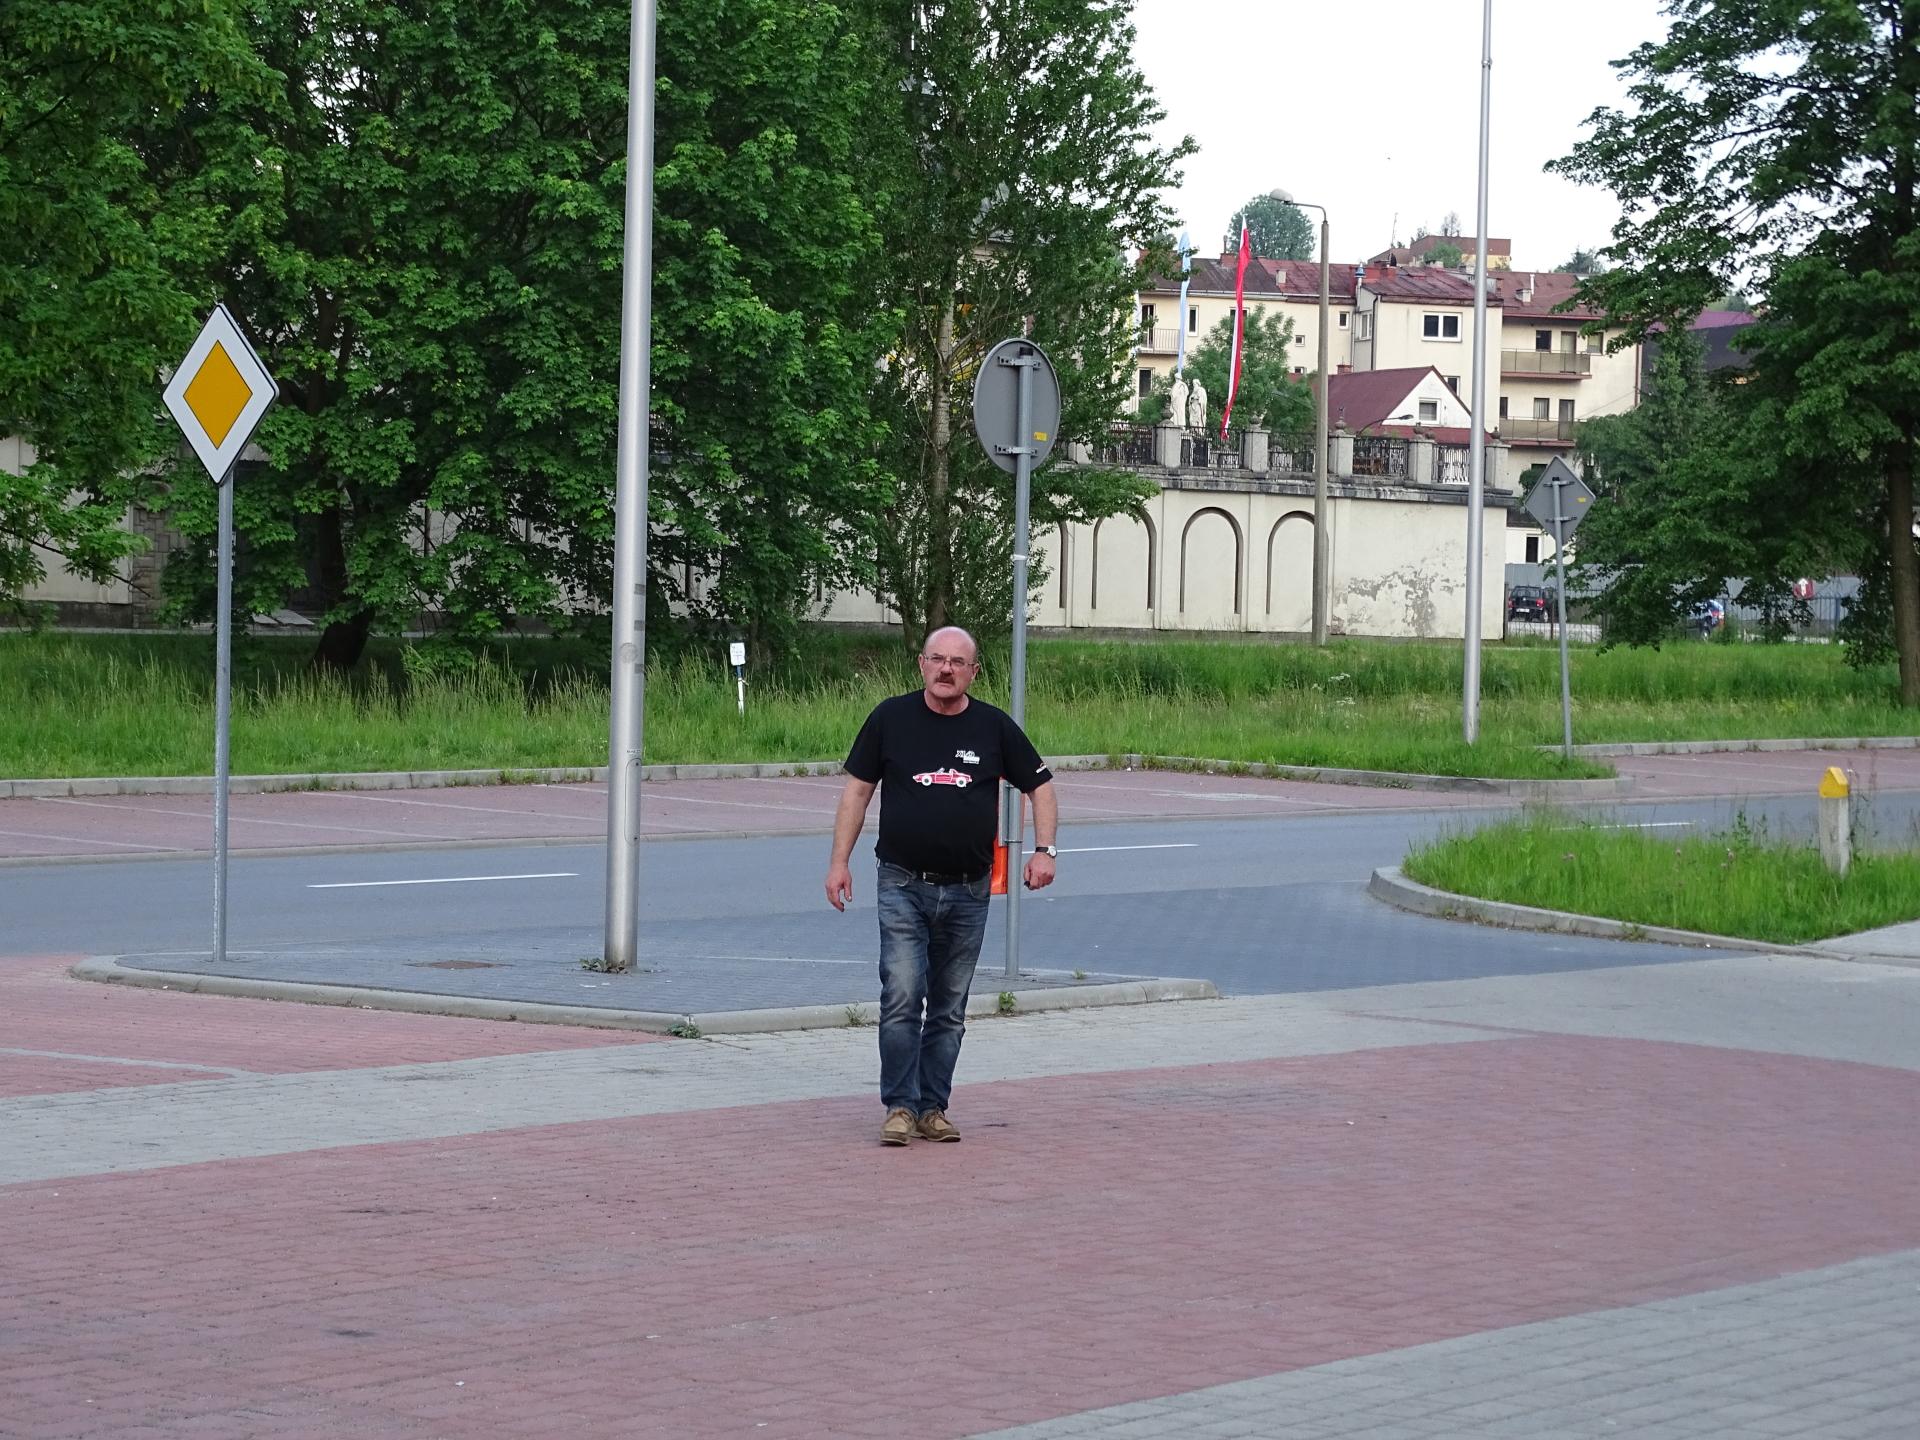 http://images71.fotosik.pl/482/c0585858e7567a0a.jpg